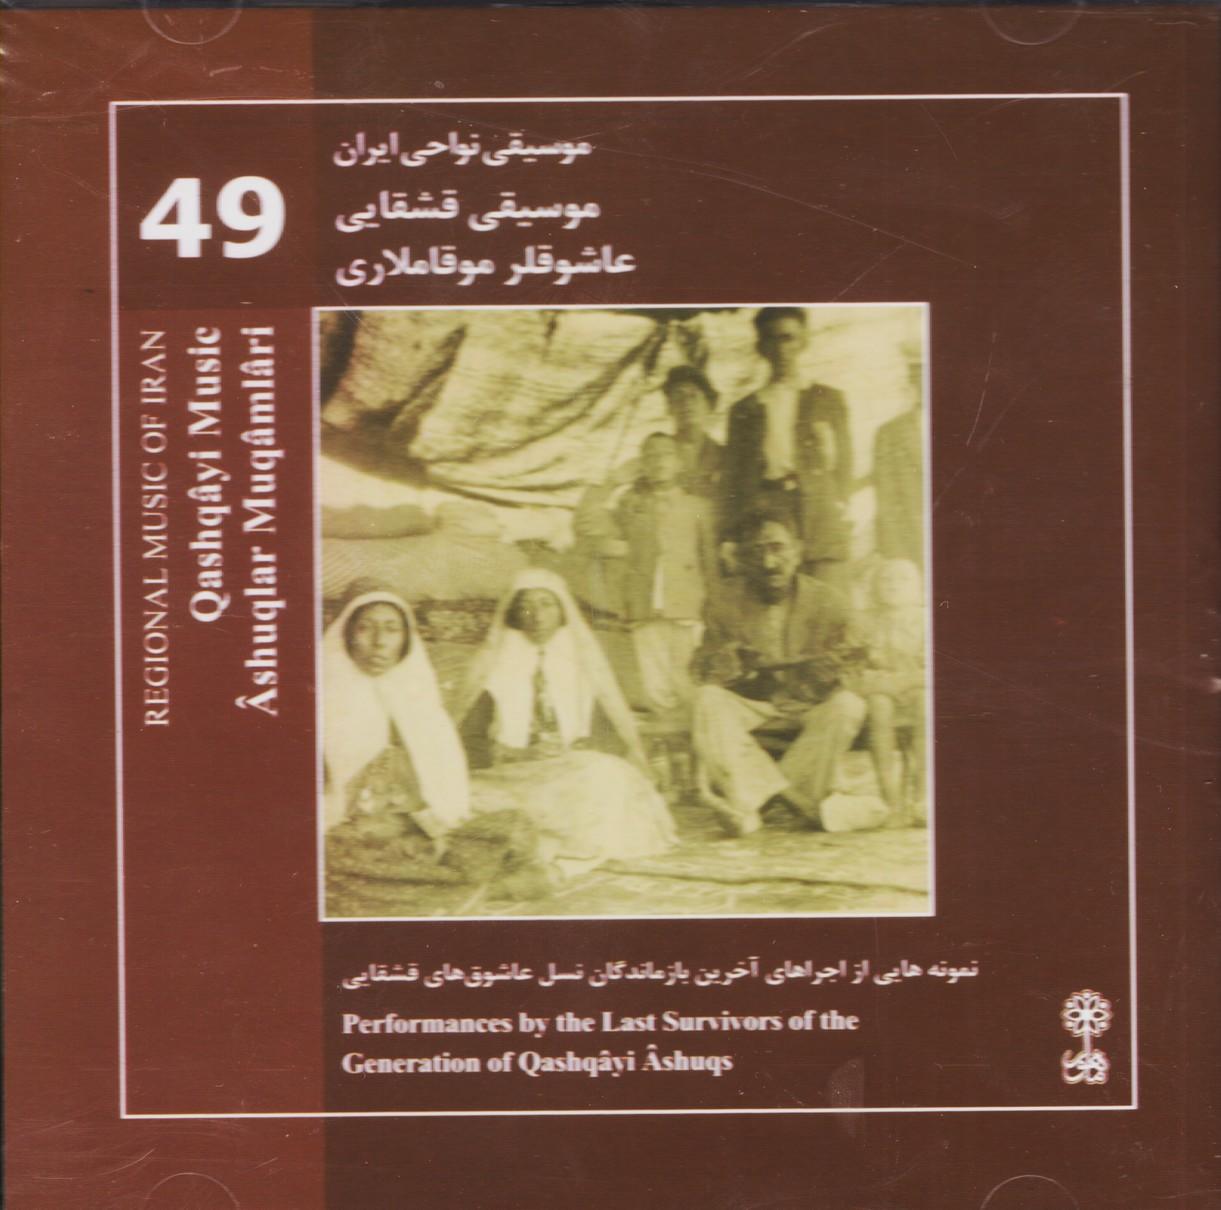 عاشوقلر موقاملاری/موسیقی نواحی ایران 49: موسیقی قشقایی